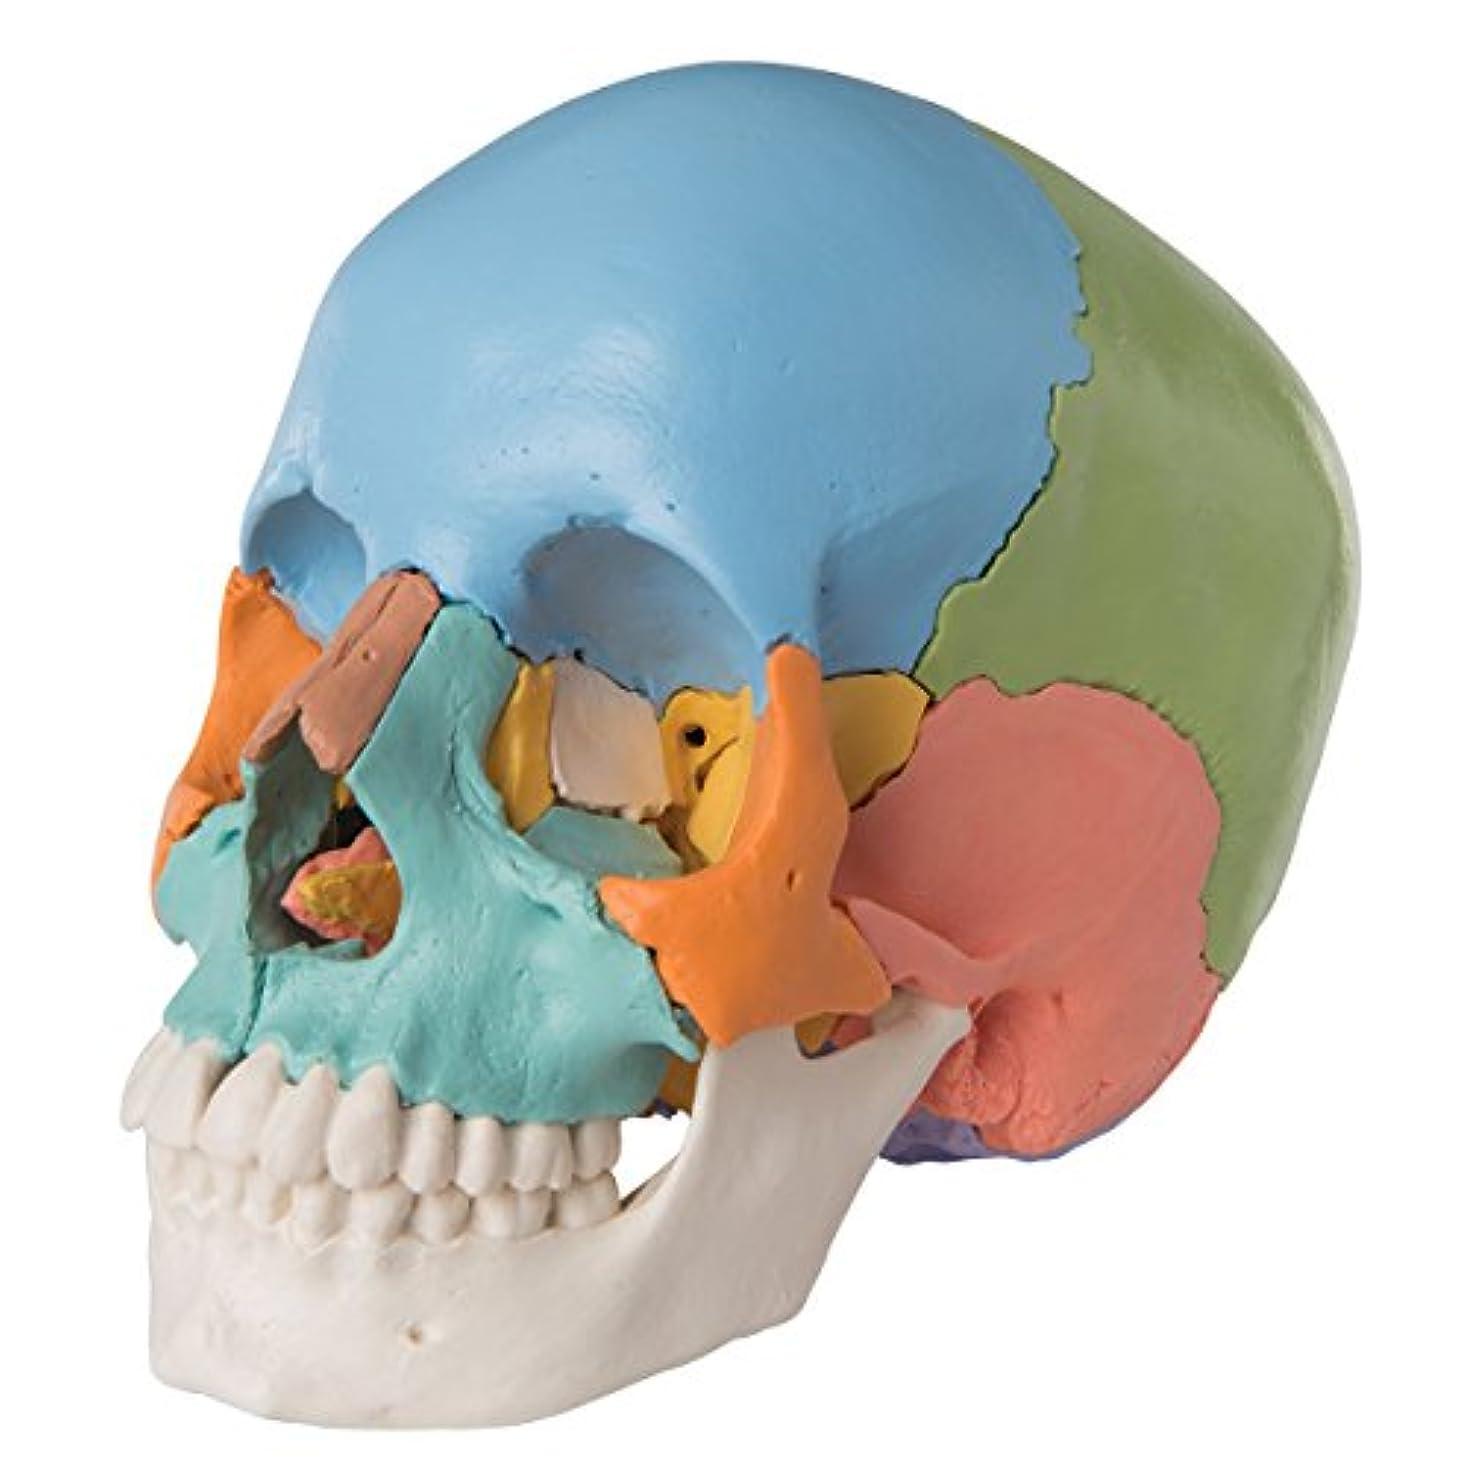 浜辺神秘性的頭蓋骨22分解キット,マルチカラー仕様